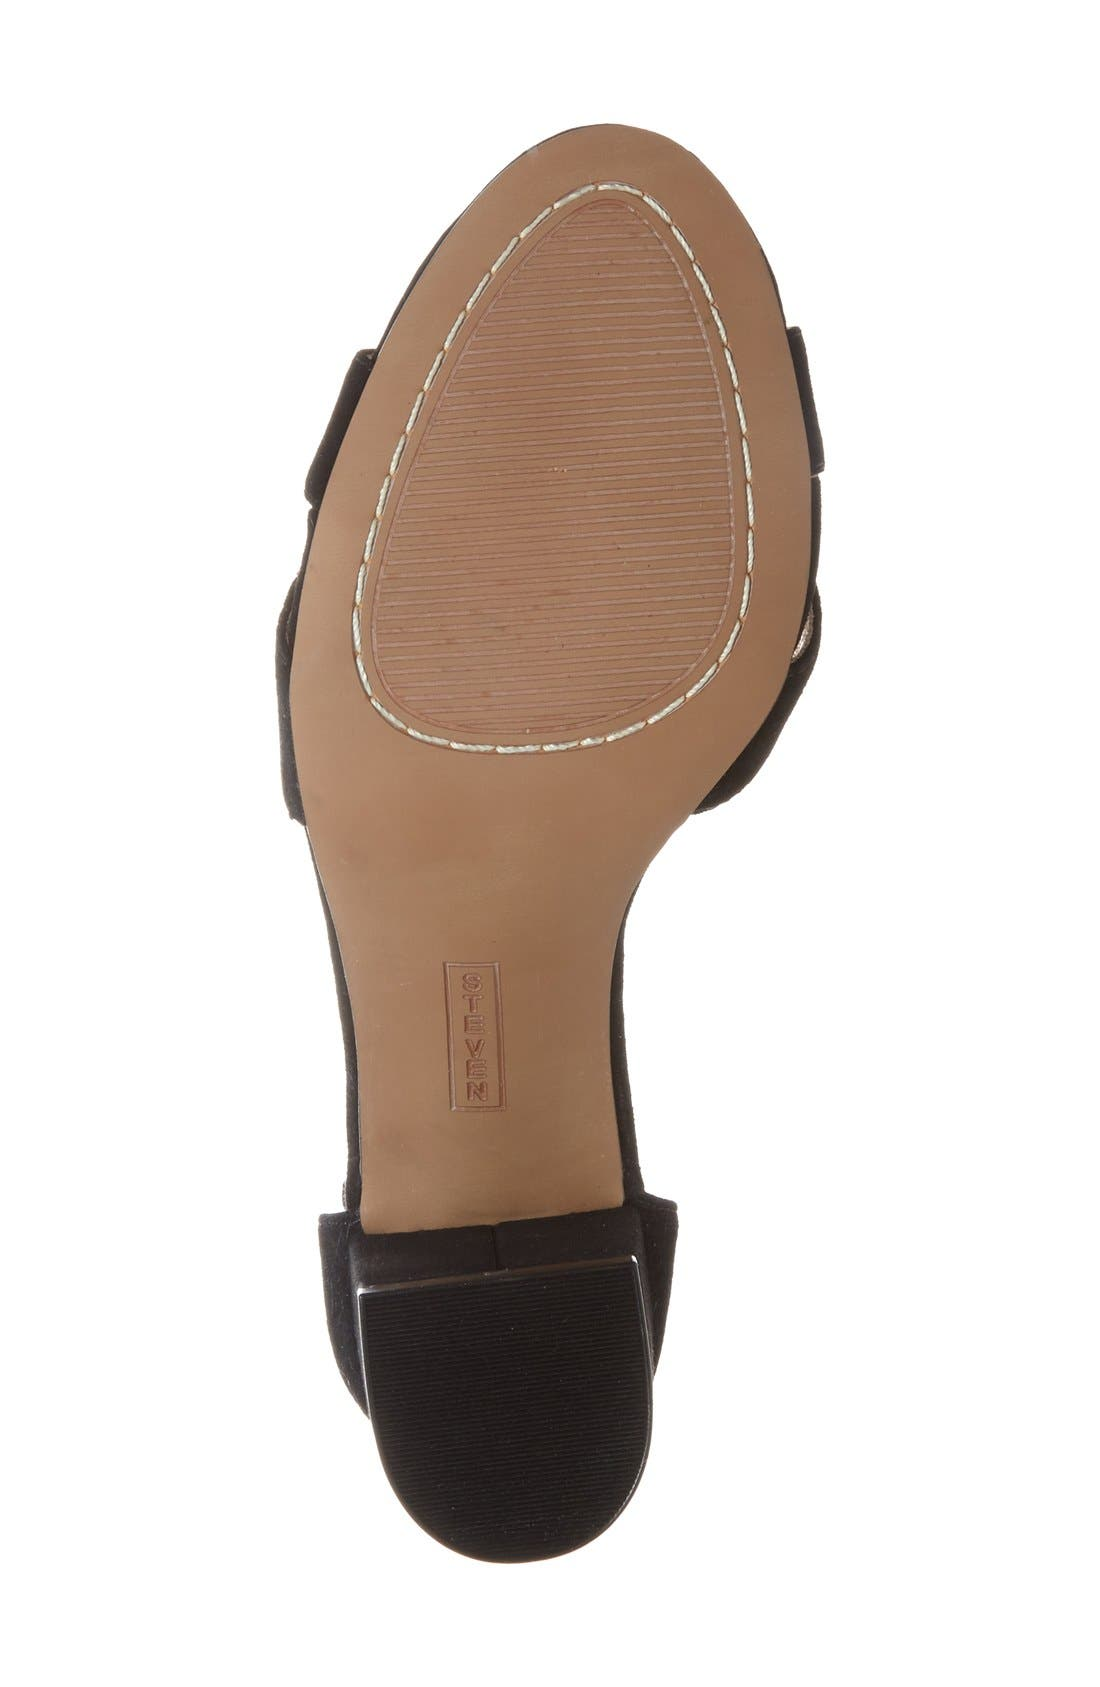 Alternate Image 4  - Steven by Steve Madden 'Voomme' Ankle Strap Sandal (Women)